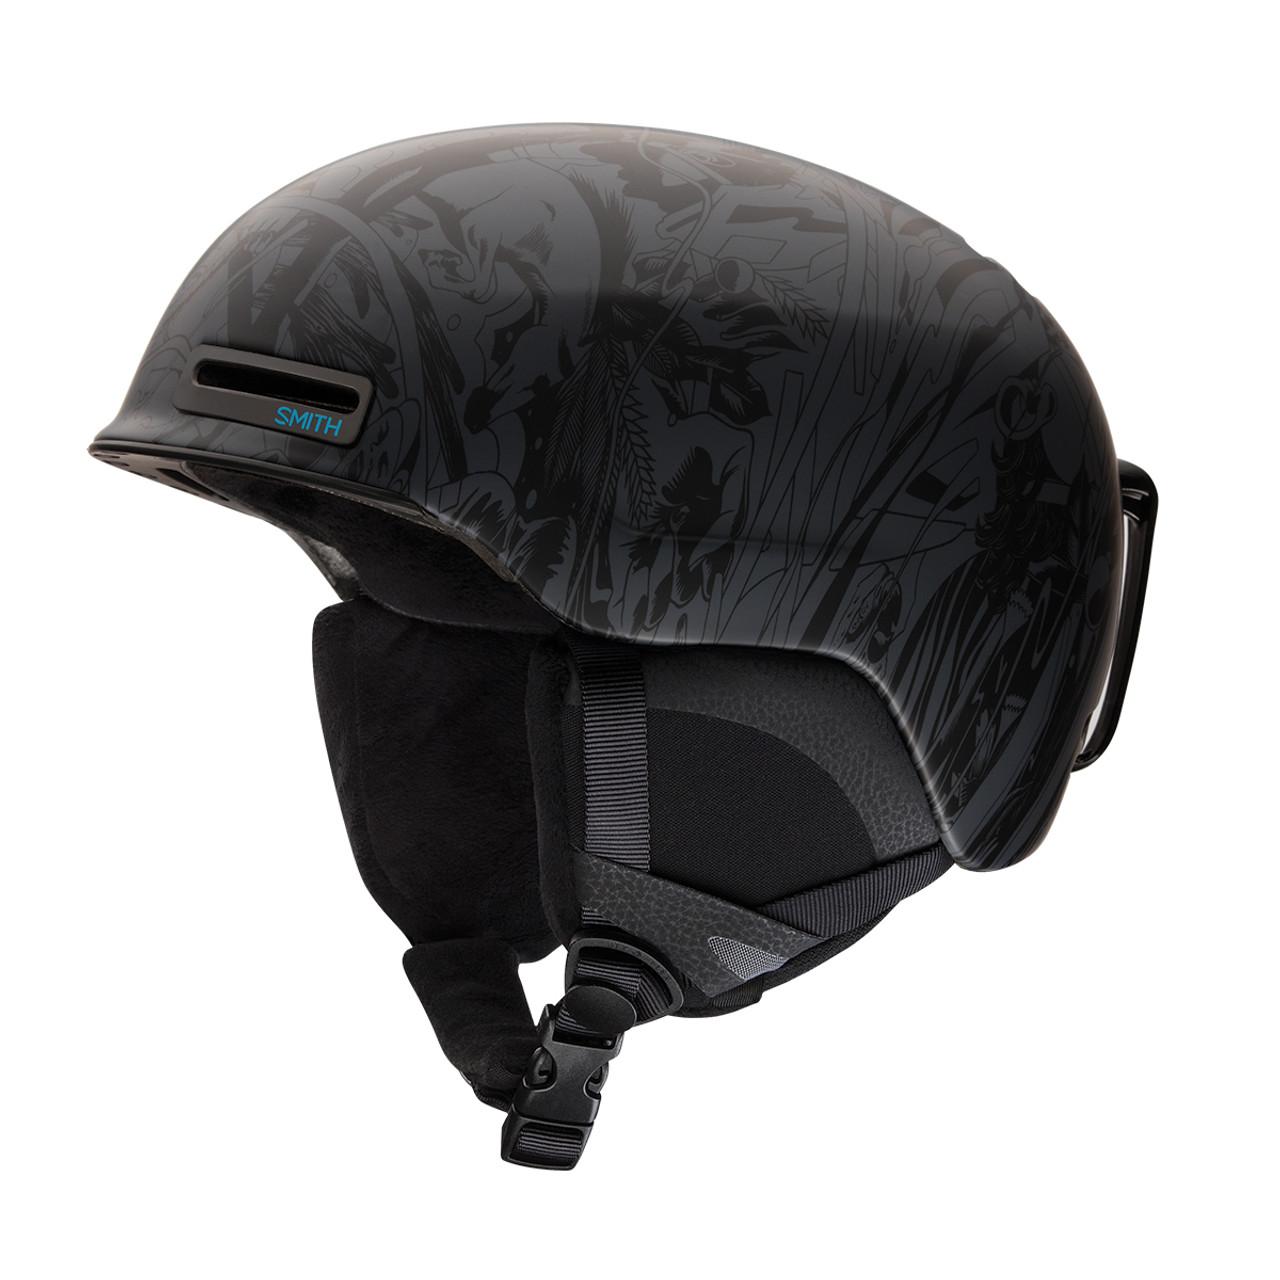 Smith Helmets | Men's Maze | H18MZ18 | Color: Matte BSF